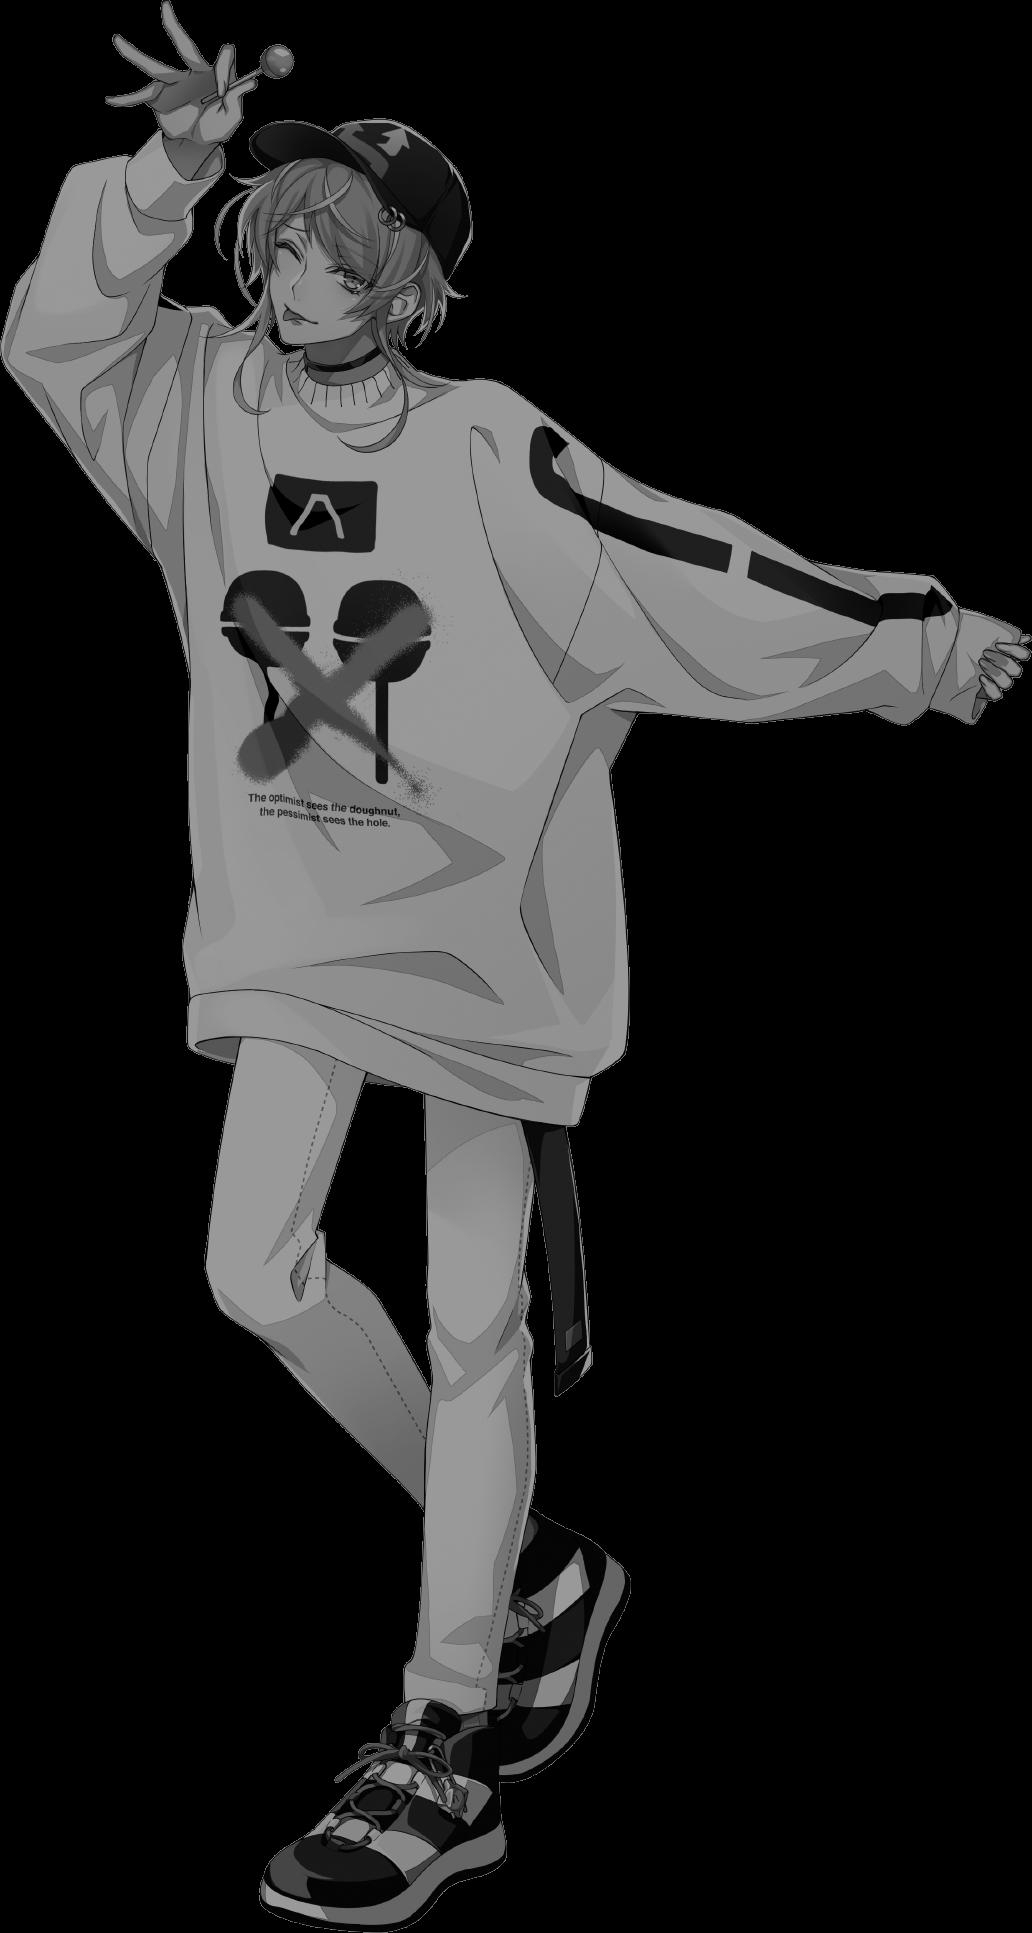 Character 男性声優キャララップバトル ヒプノシスマイク オフィシャルサイト かっこいい ポーズ イラスト 男の子 イラスト かっこいいポーズ